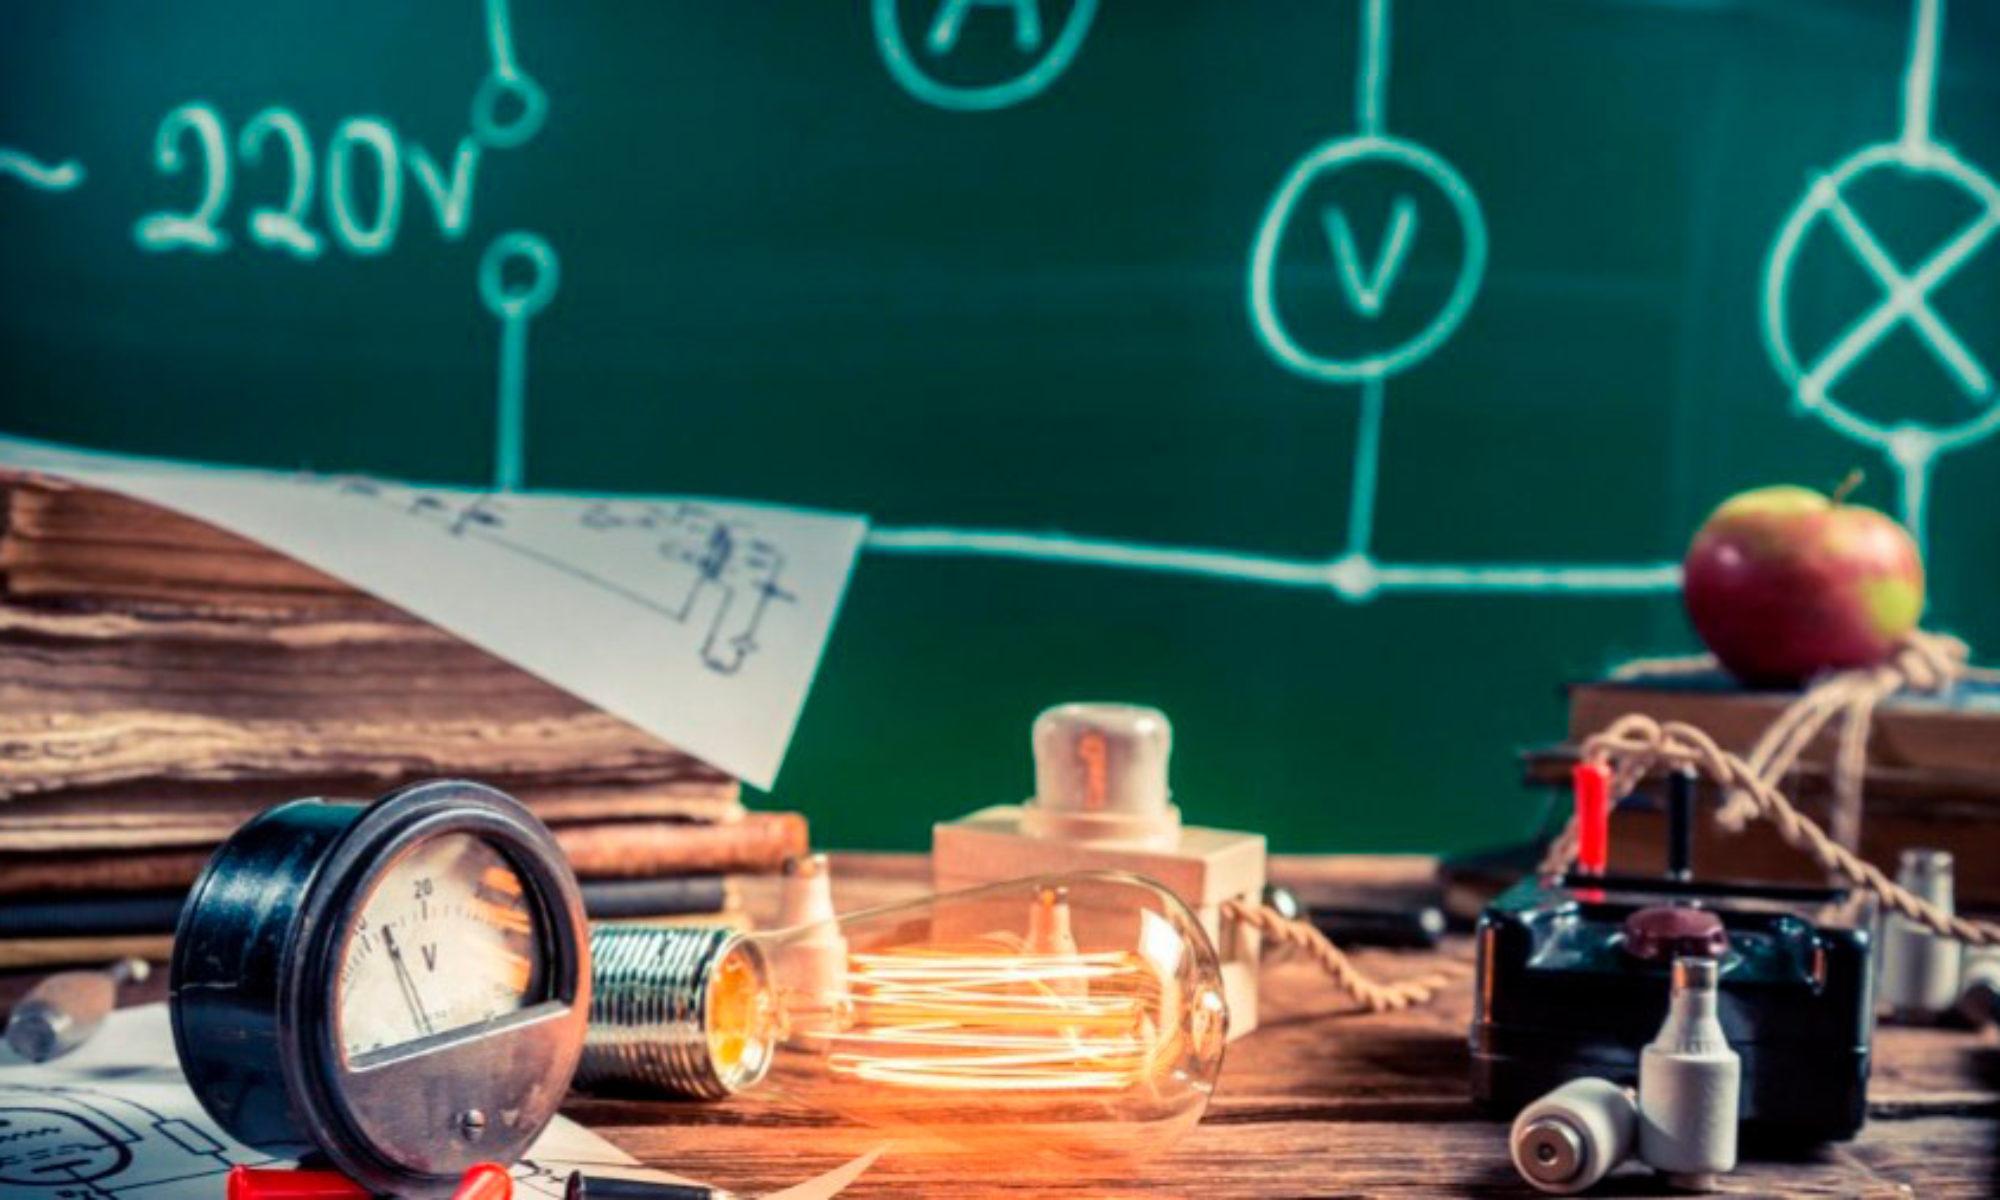 Обайкьючь нас - лучшие курсы физики и математики в Люберцах